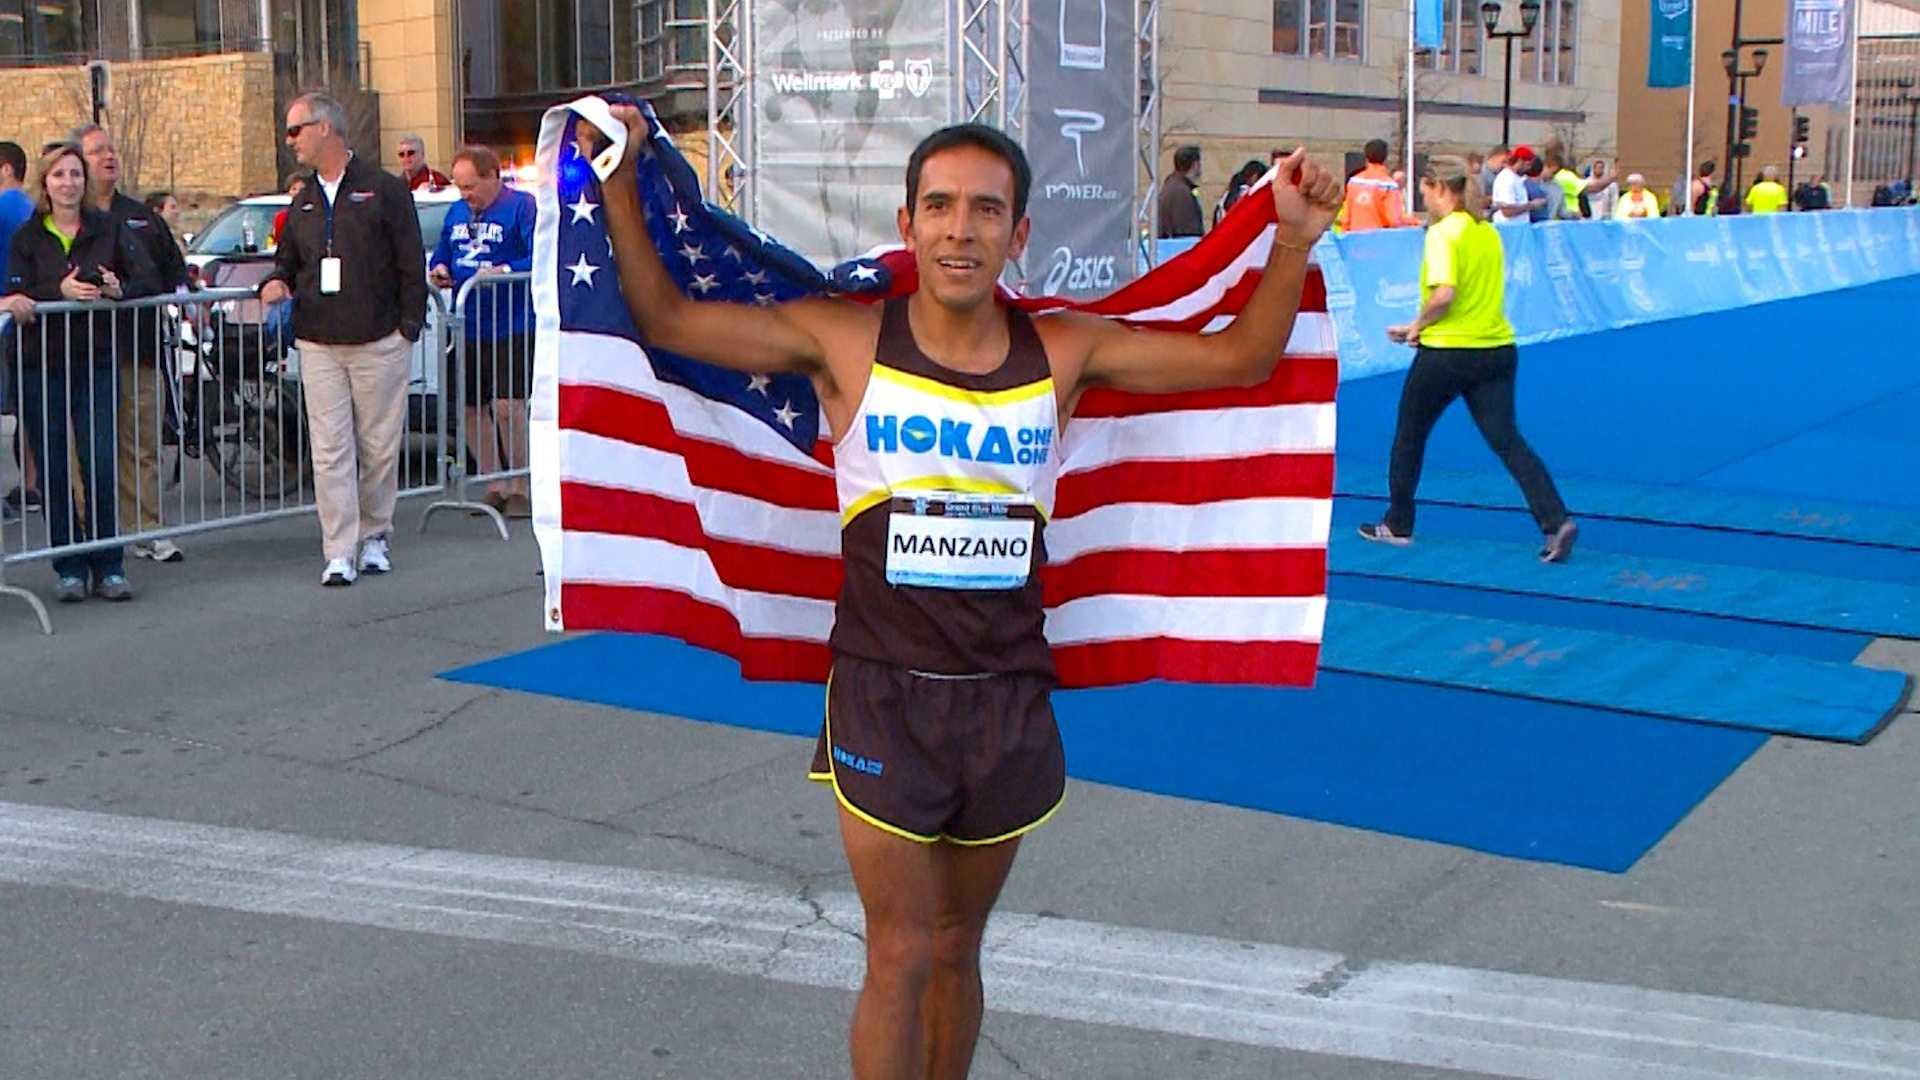 Leo Manzano wins USA 1-Mile Road Championship